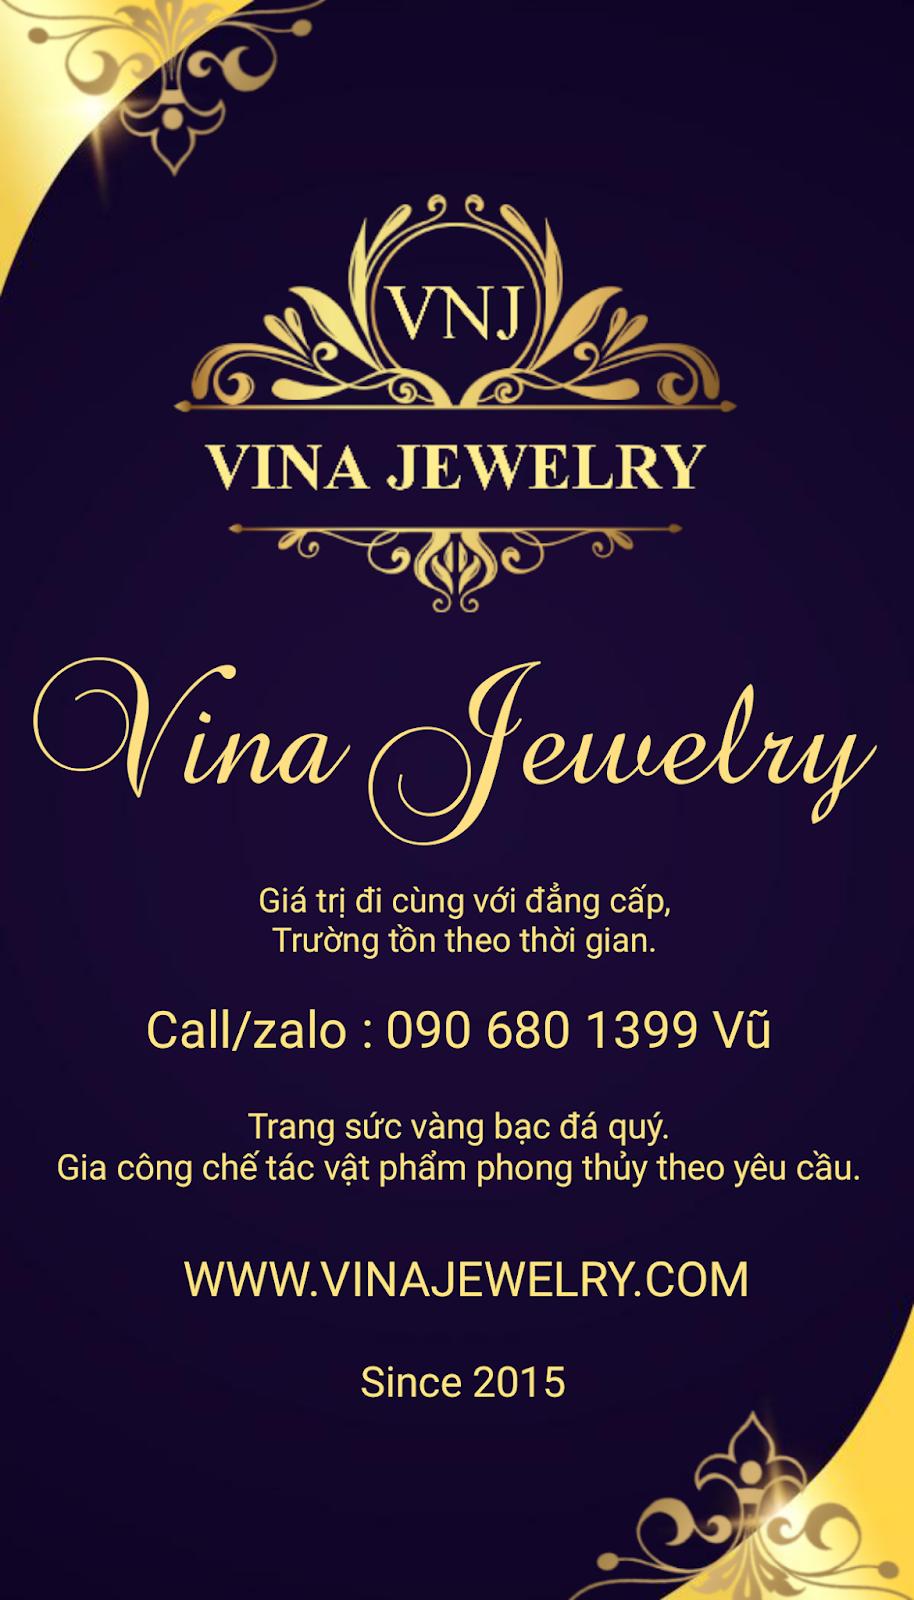 Vina Jewelry